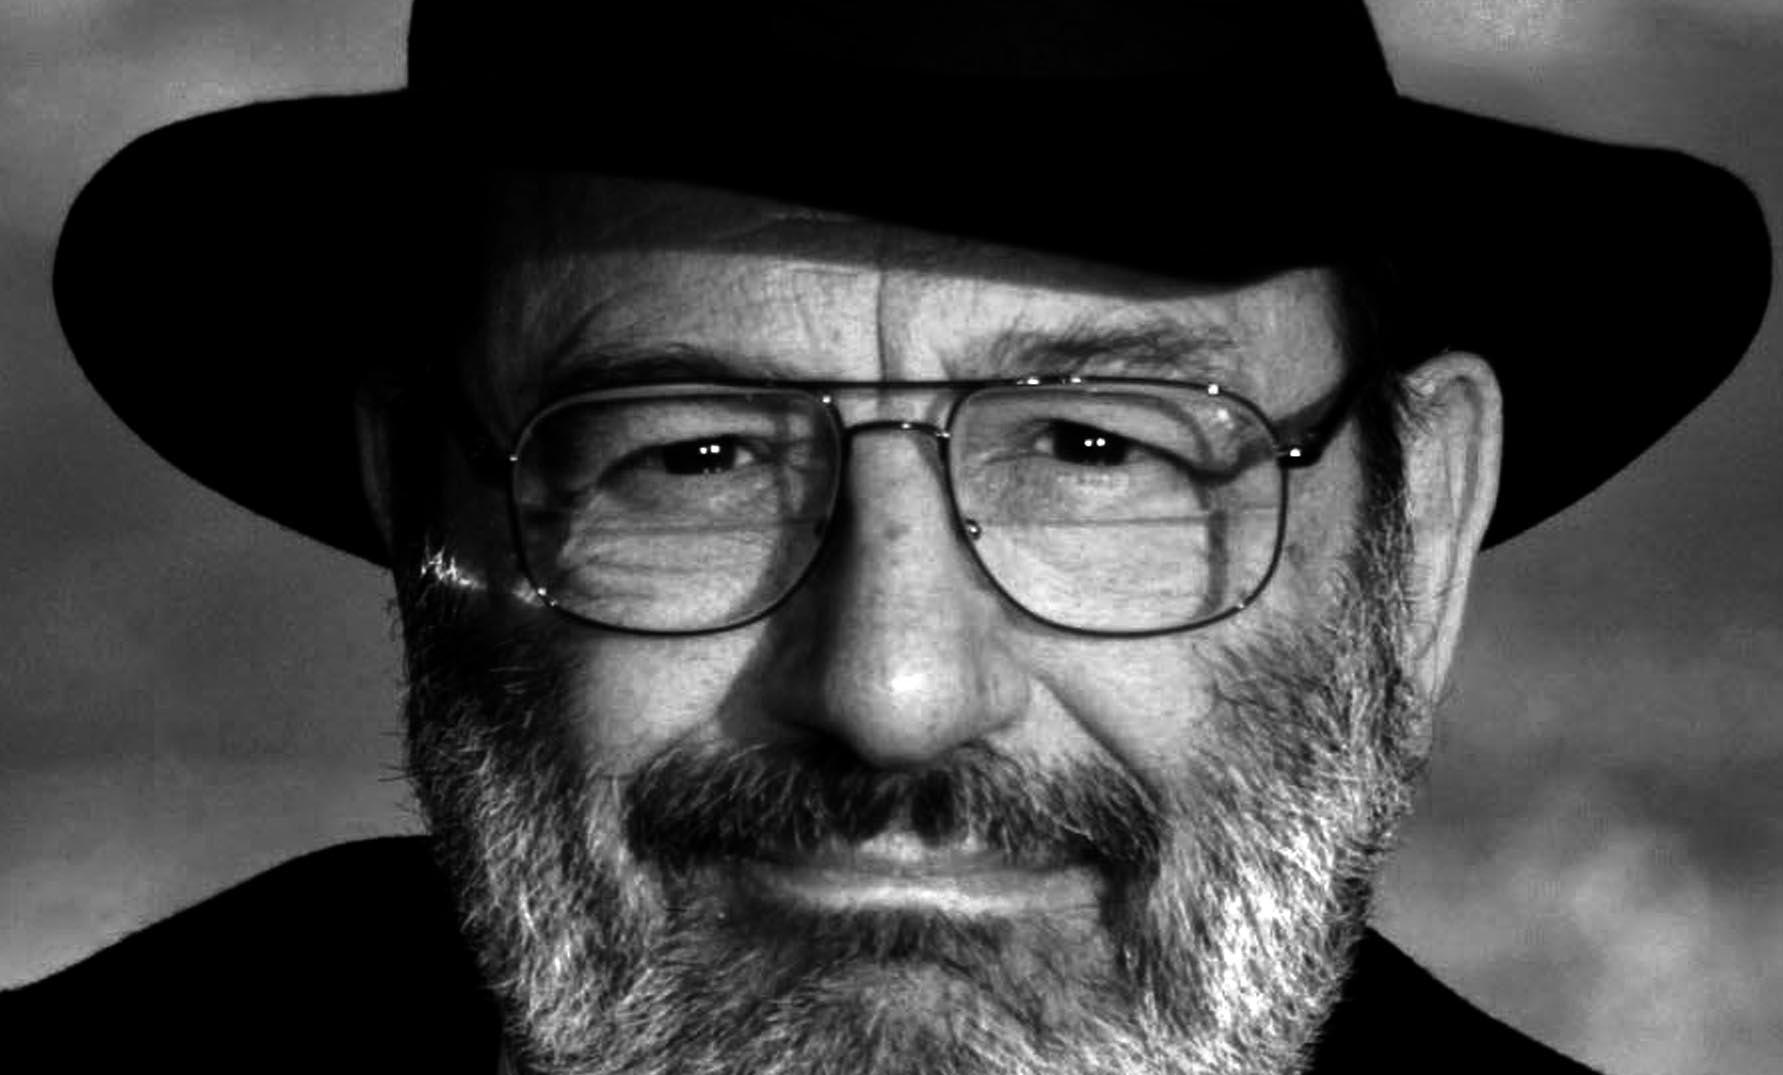 Uma historinha curta de Umberto Eco, lembrada pelo Nelson Moraes